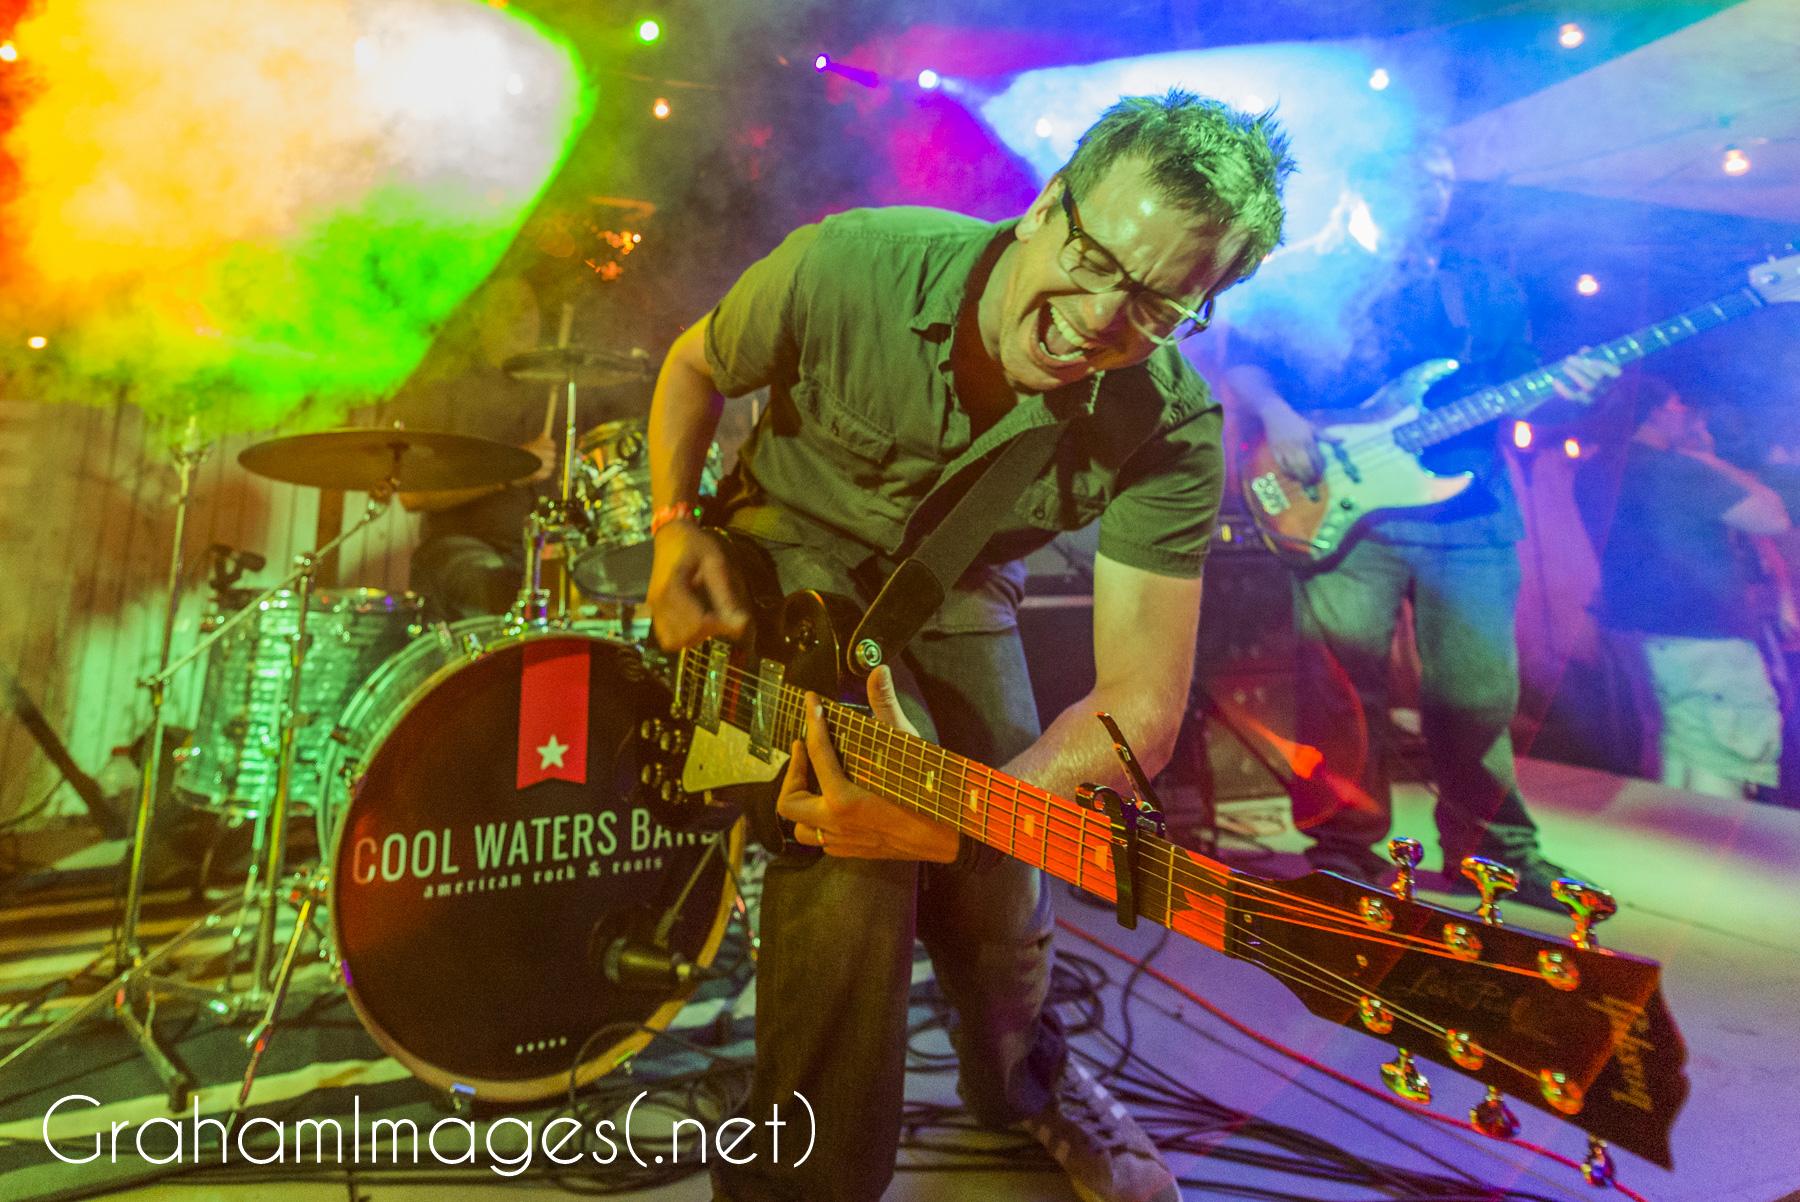 Photo courtesy of Graham Images